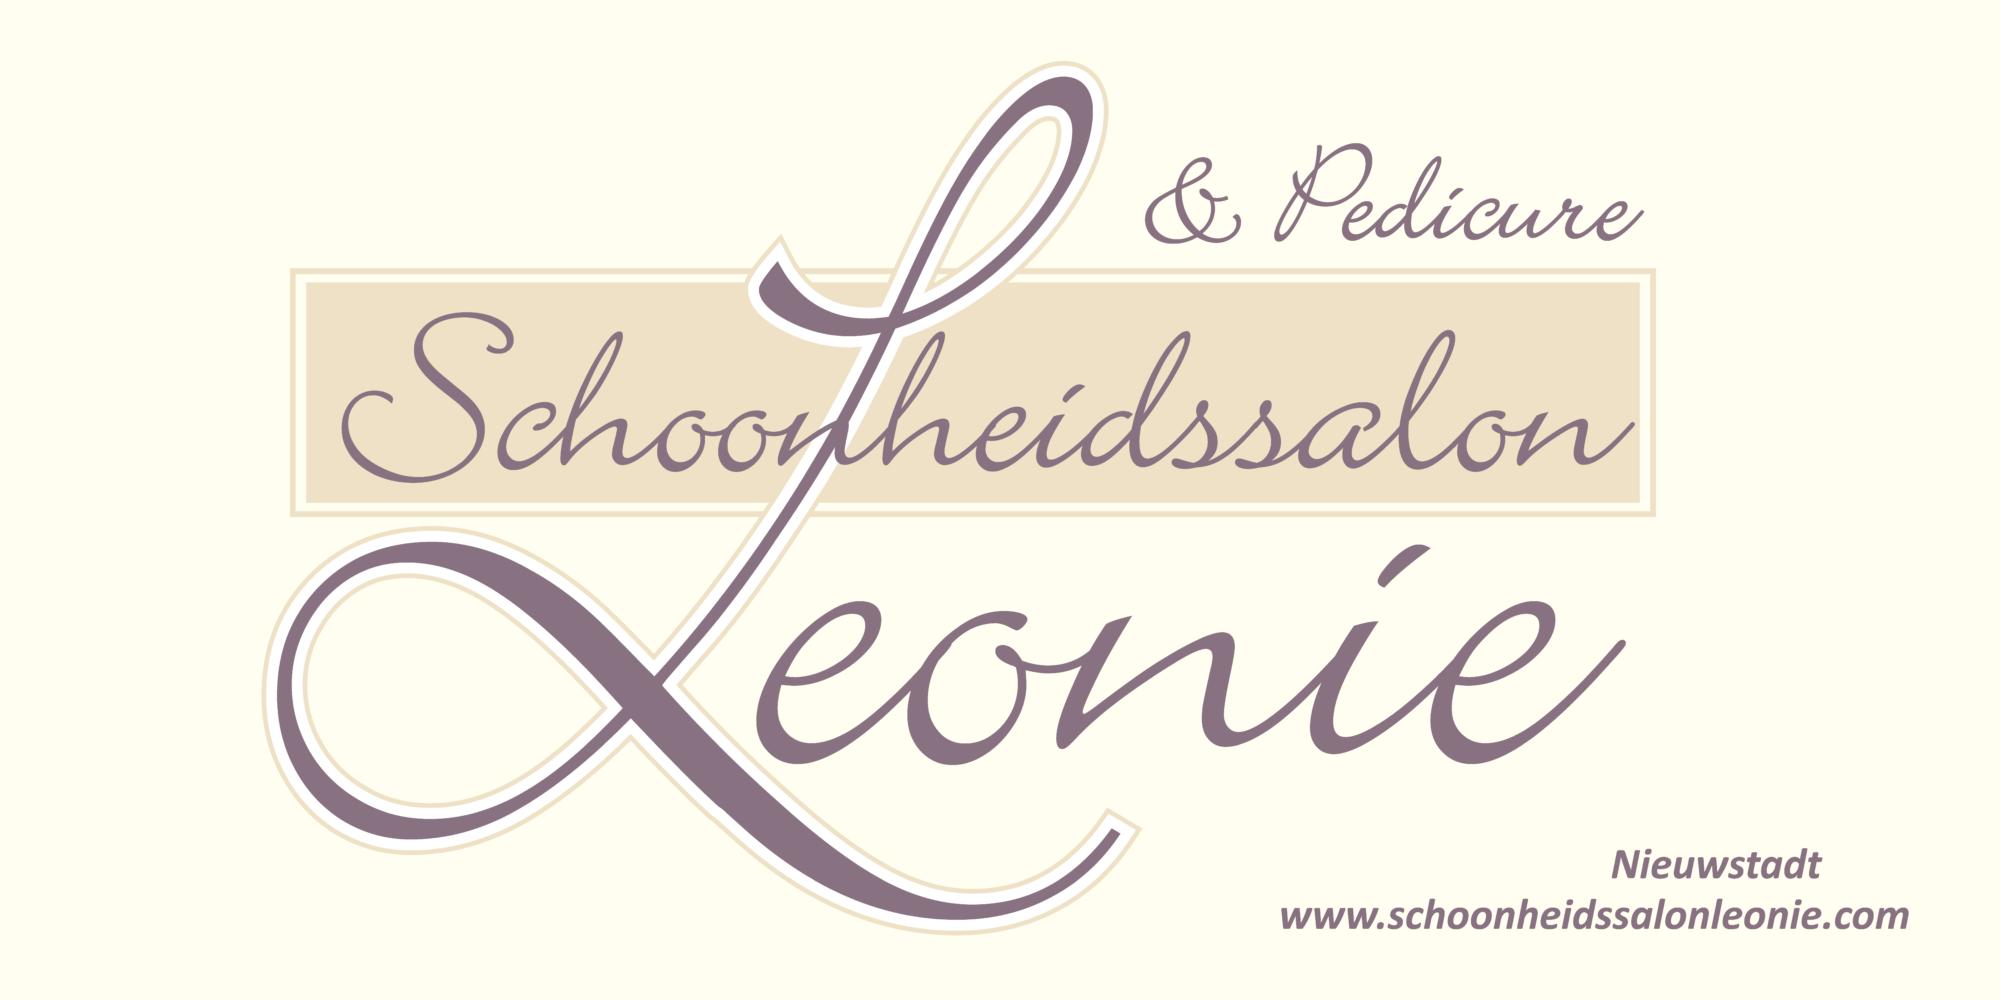 www.schoonheidssalonleonie.com. Schoonheidssalon Leonie Nieuwstadt